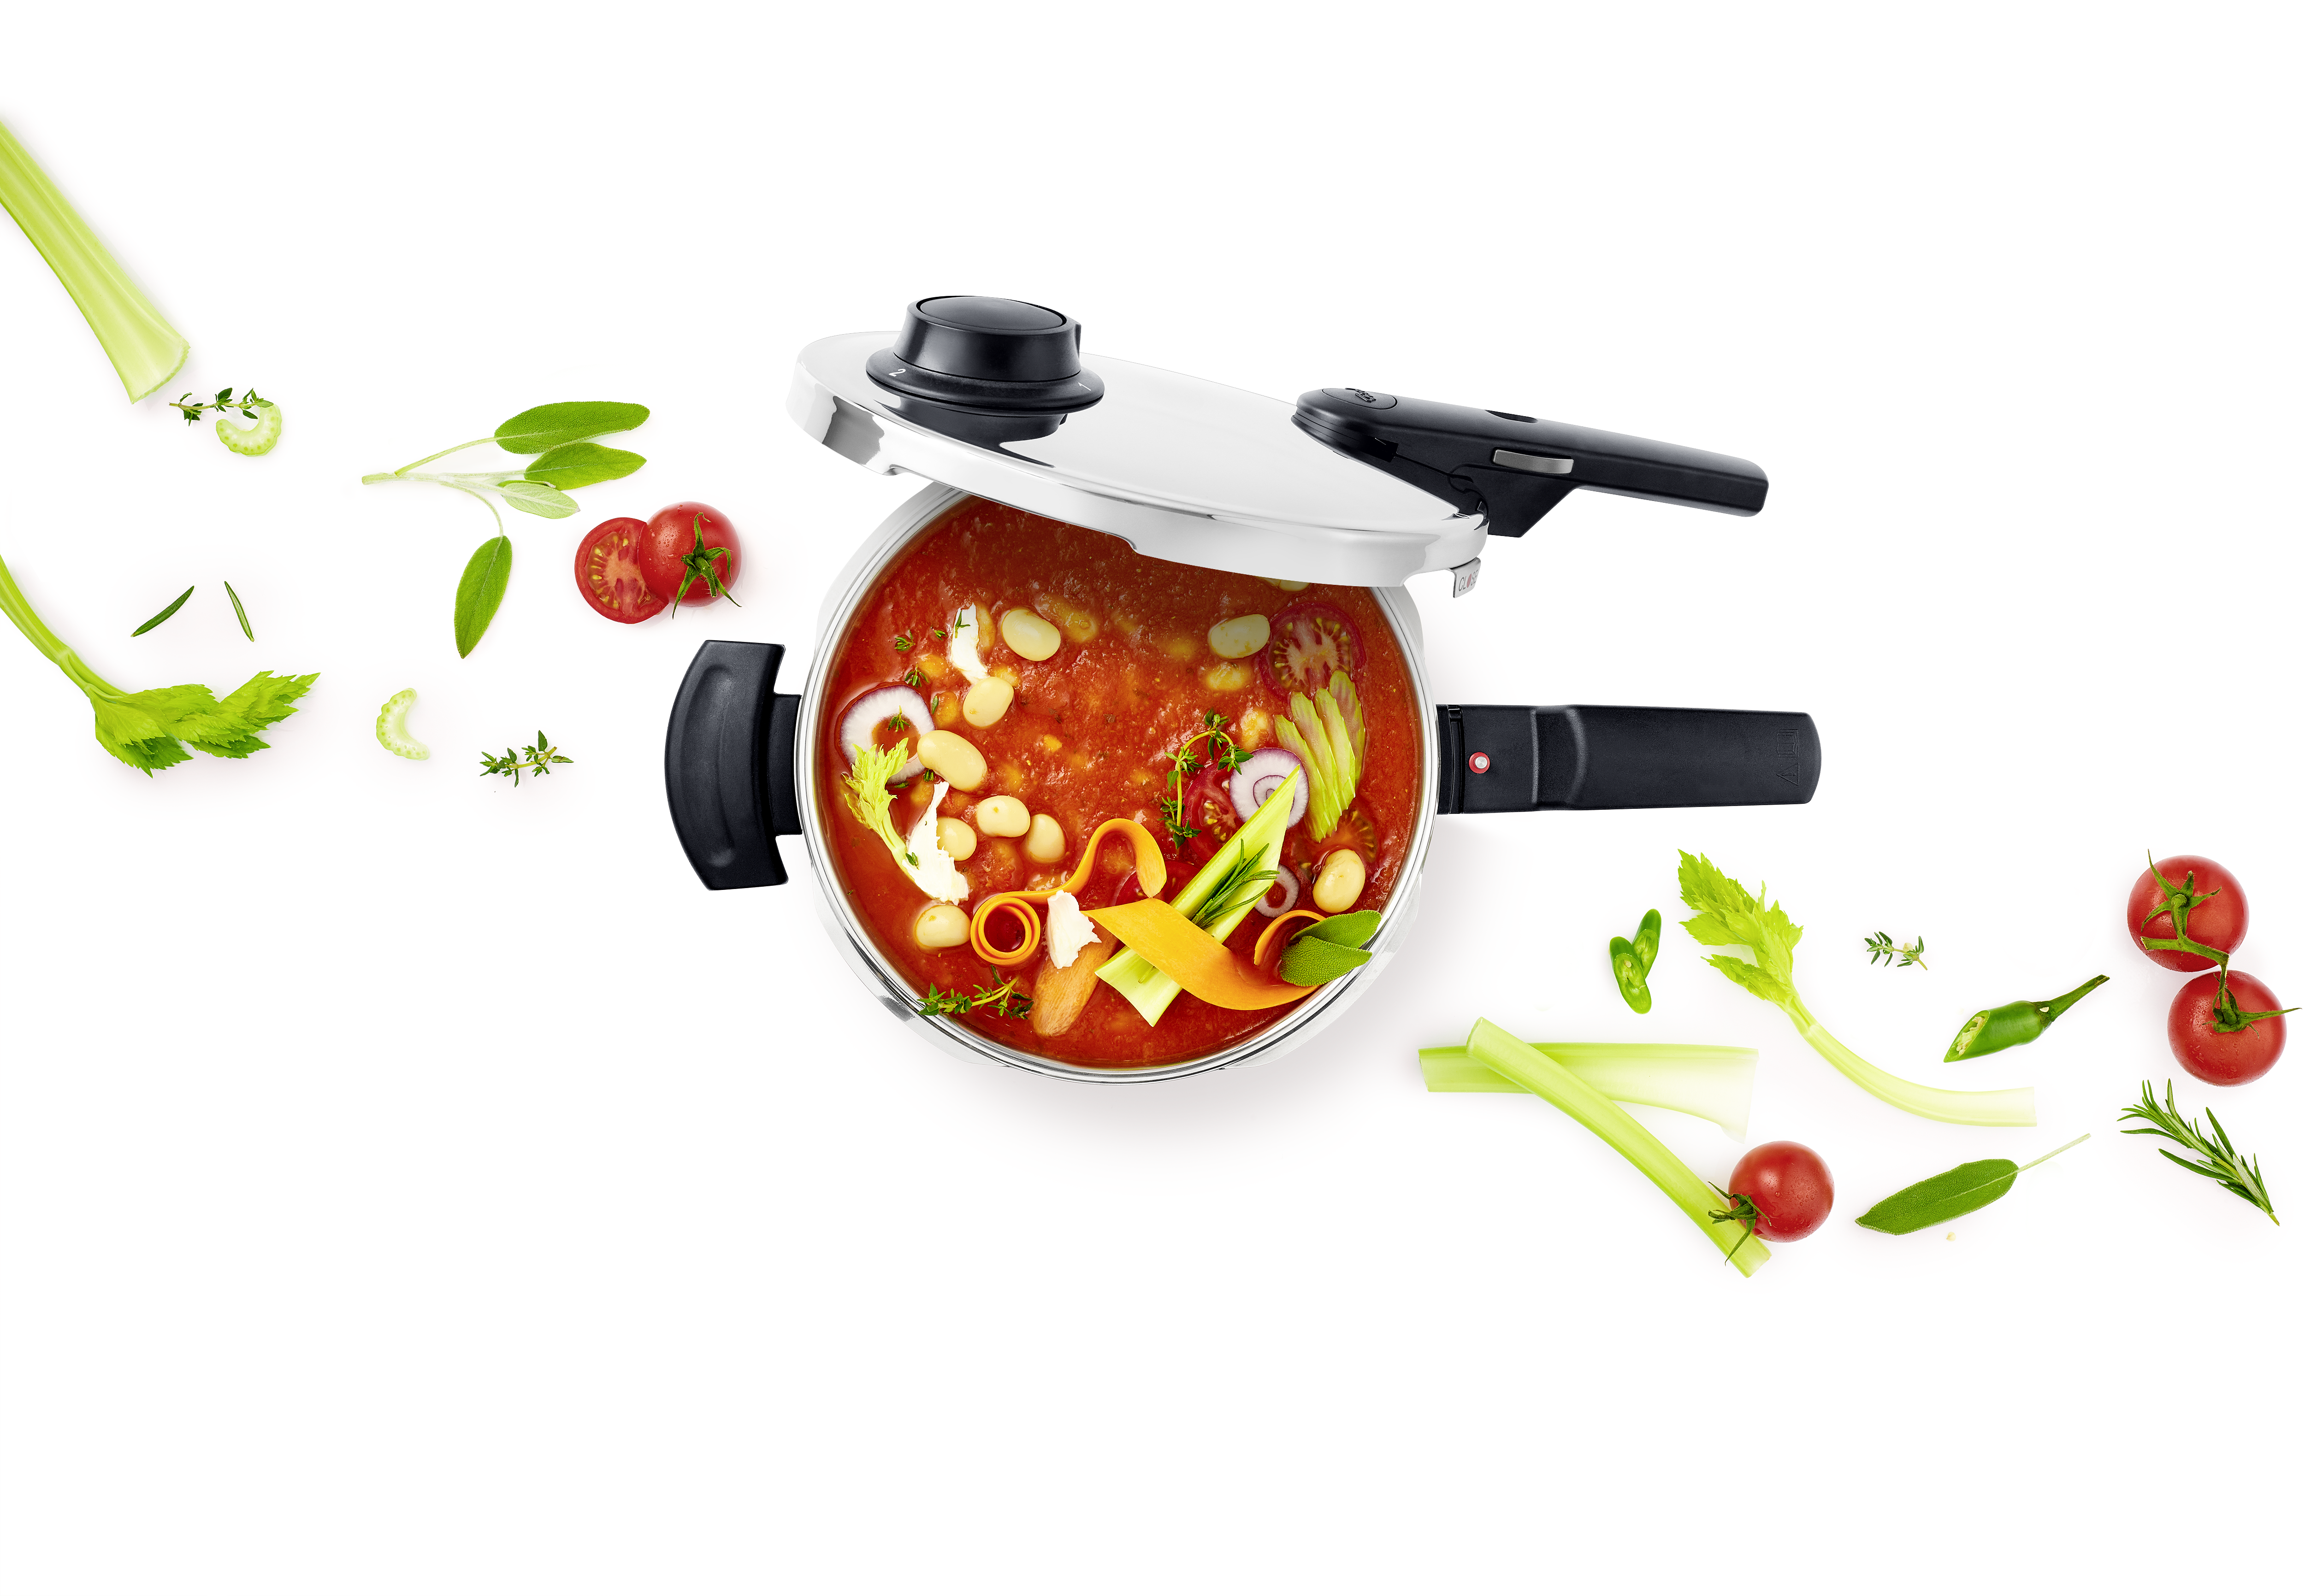 Fissler vitavit comfort pressure cooker